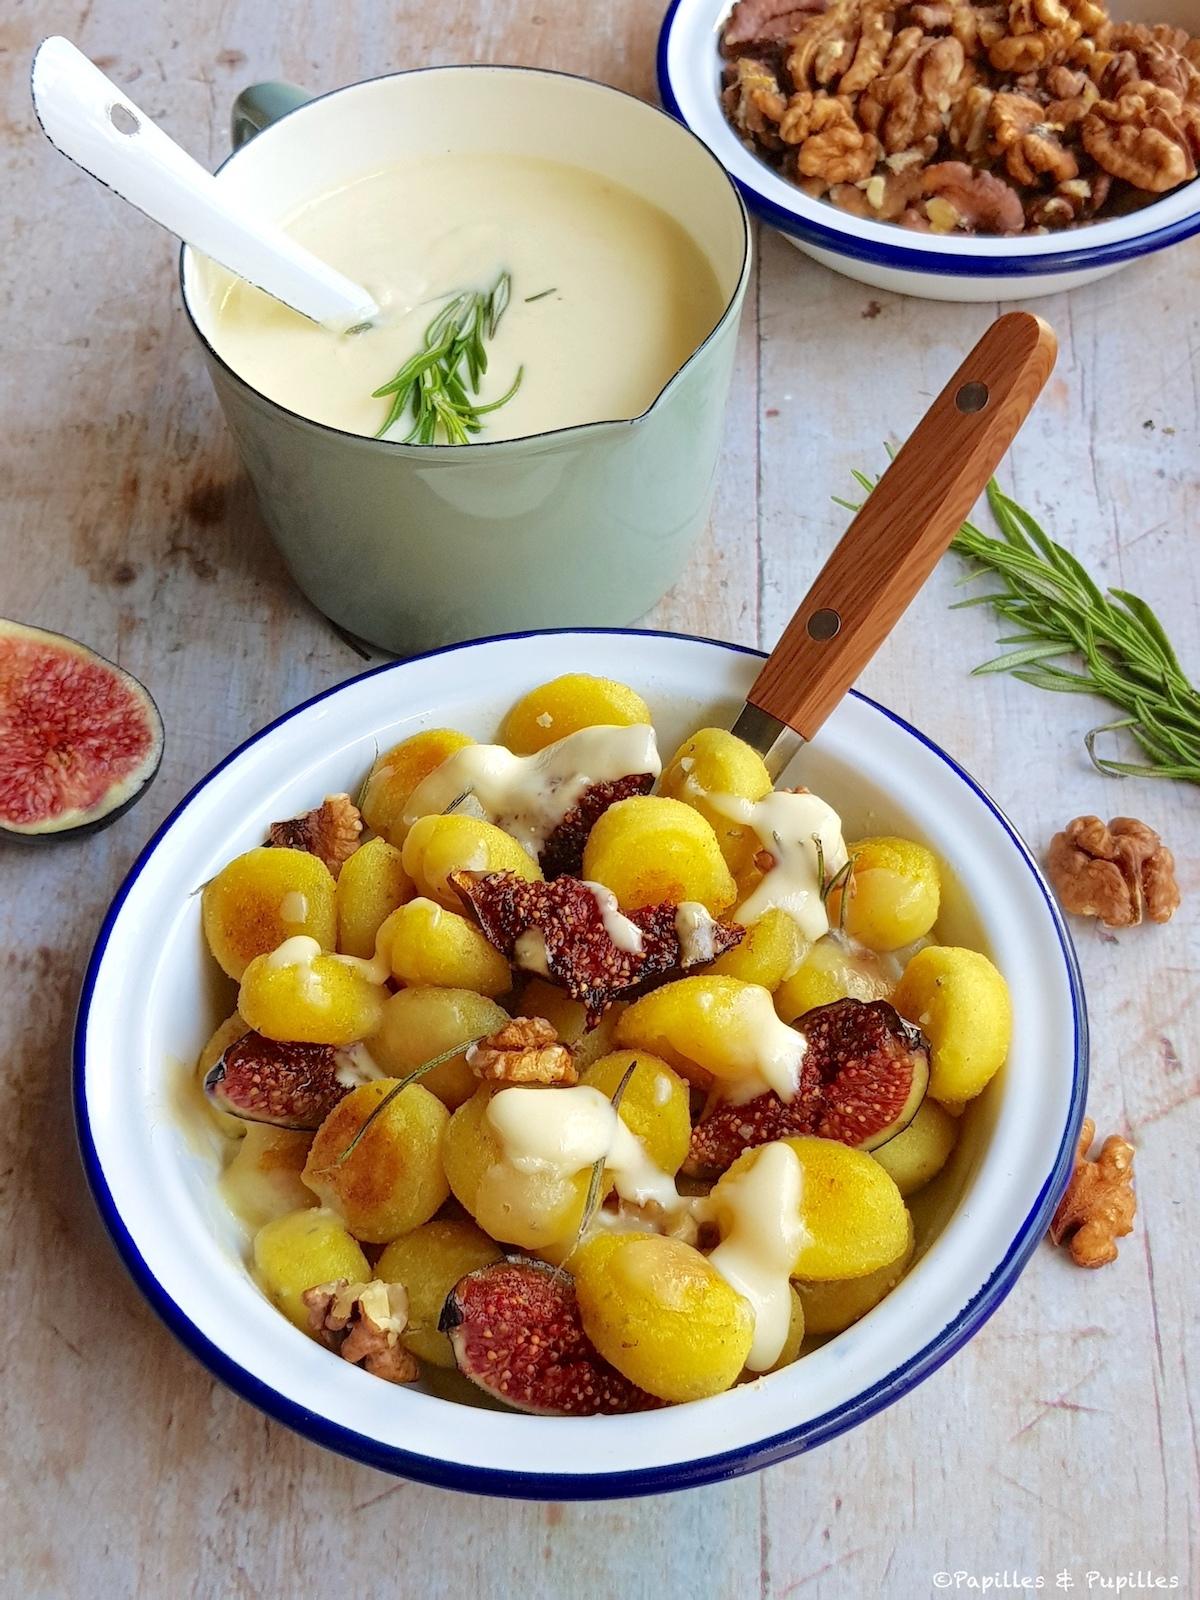 Gnocchis à poêler romarin, crème de Parmesan, figues et noix